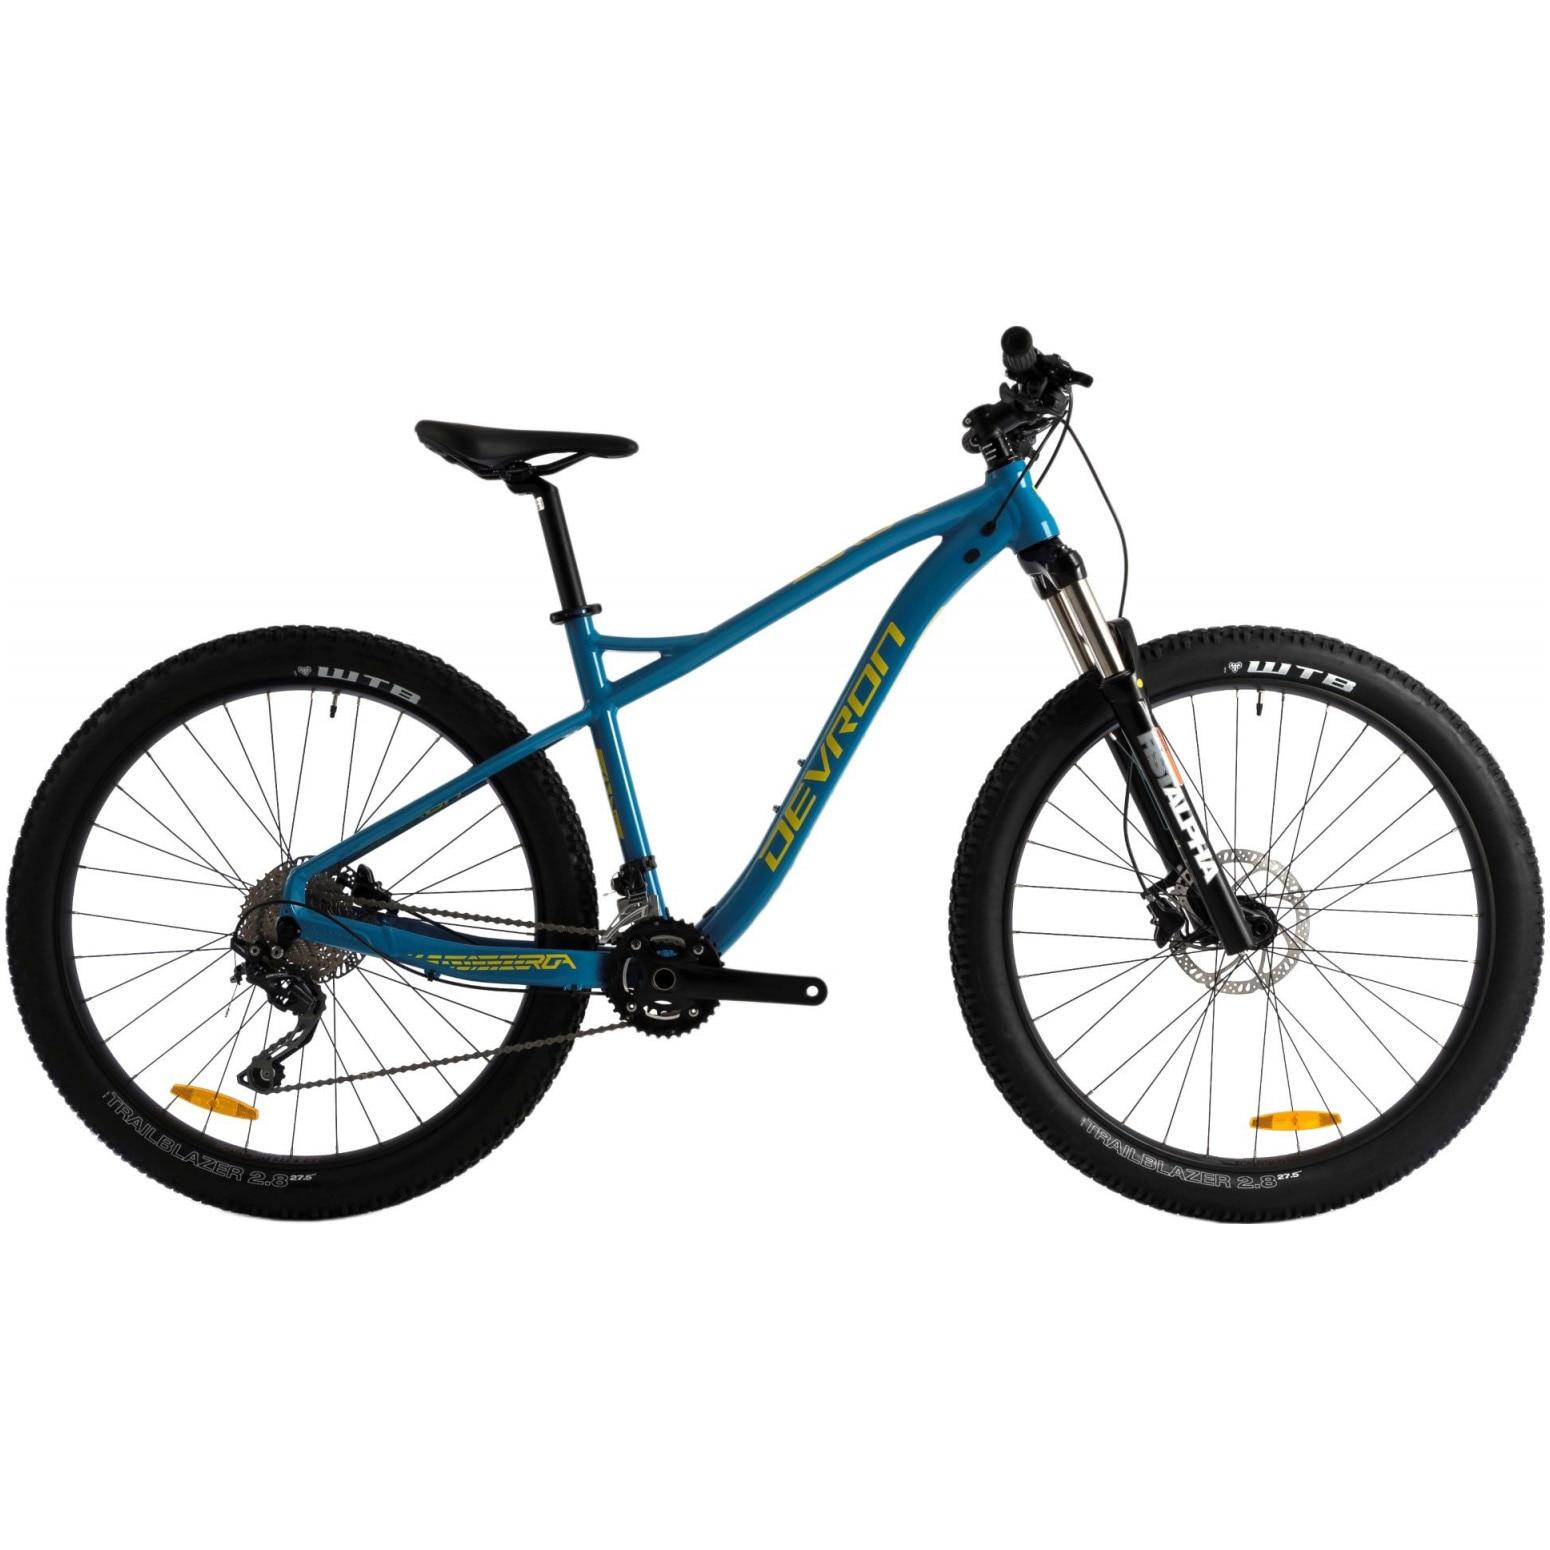 Fotografie Bicicleta Mtb Devron Zerga Uni 1.7 - 27.5 Inch, L, Albastru